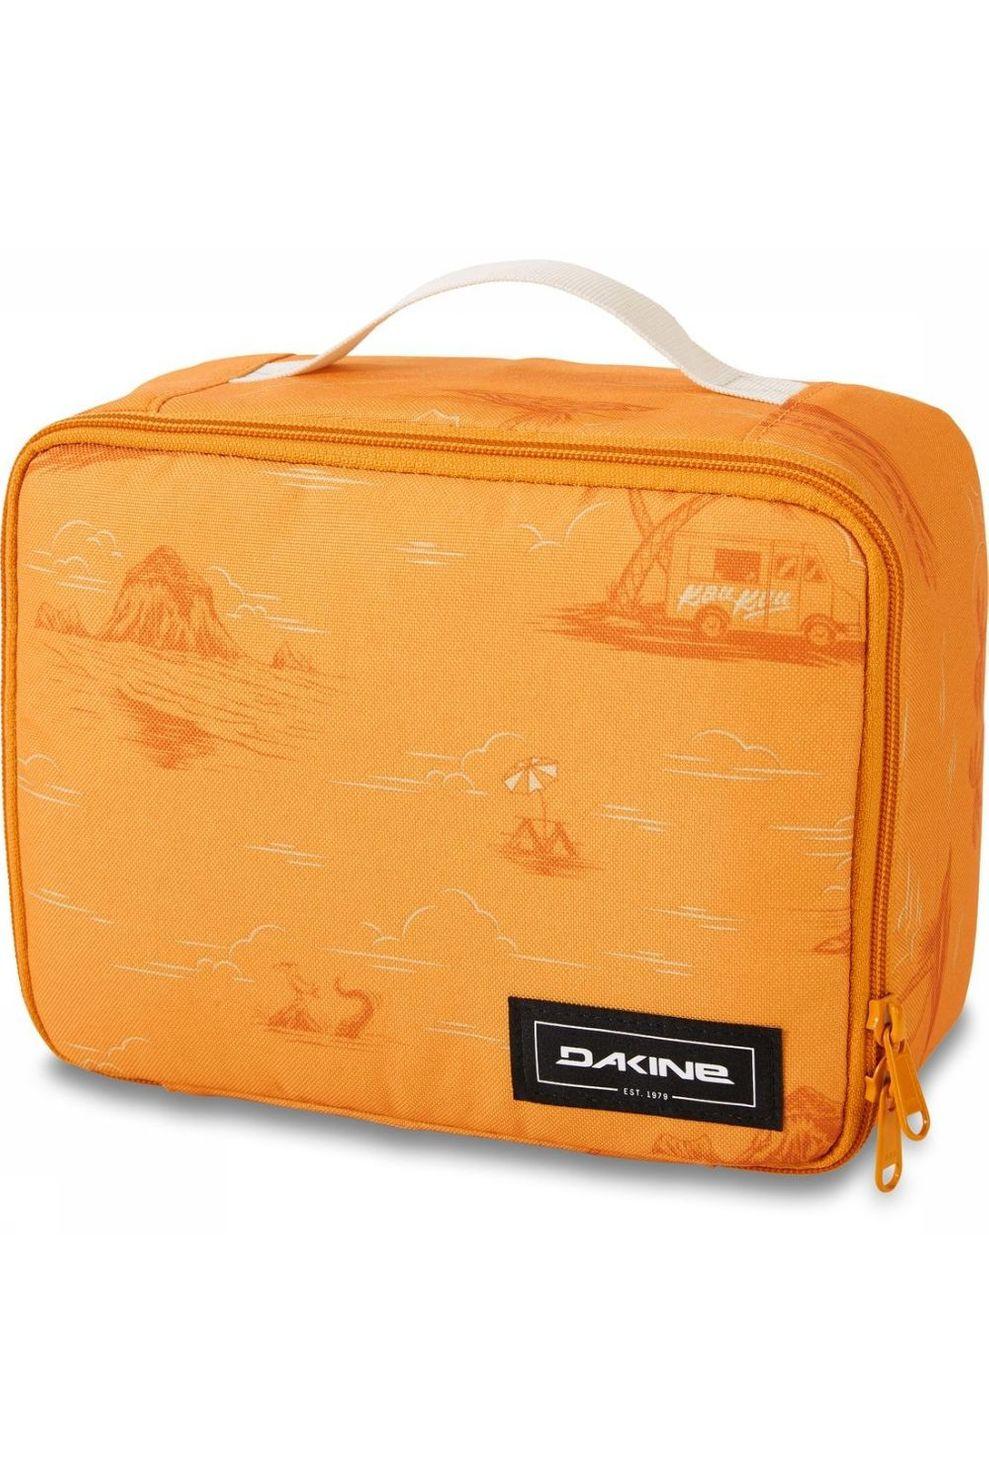 Dakine Koeltas Lunch Box 5L - Geel